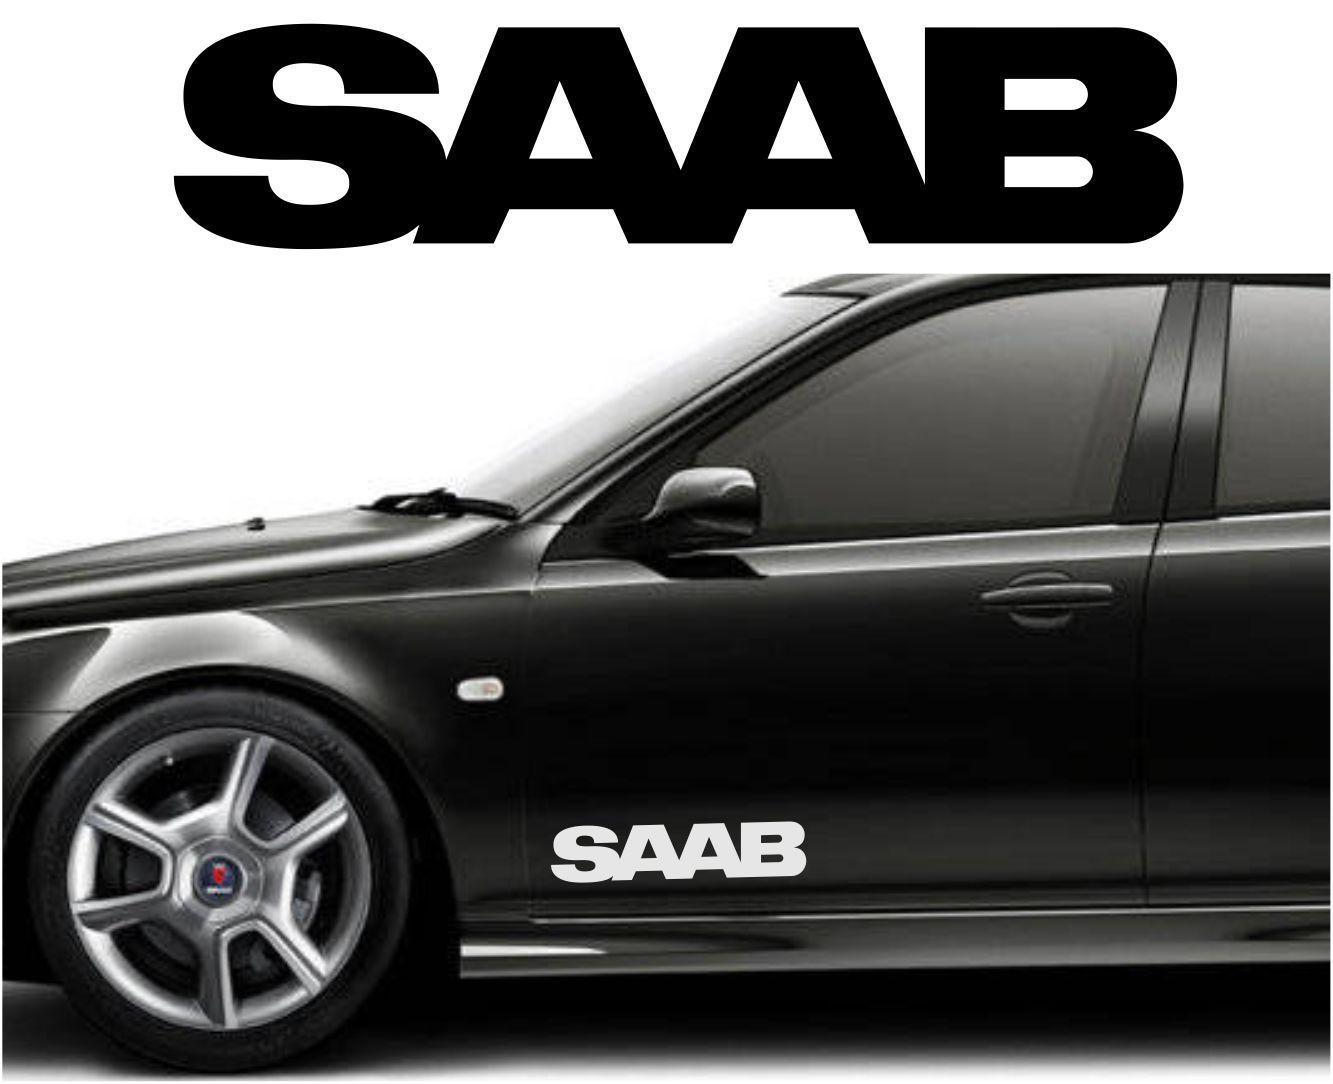 Saab Car Body Tuning Custom Vinyl Sticker Decal Graphic 2 Stickers Decal 93 95 Custom Vinyl Stickers Vinyl Sticker Car